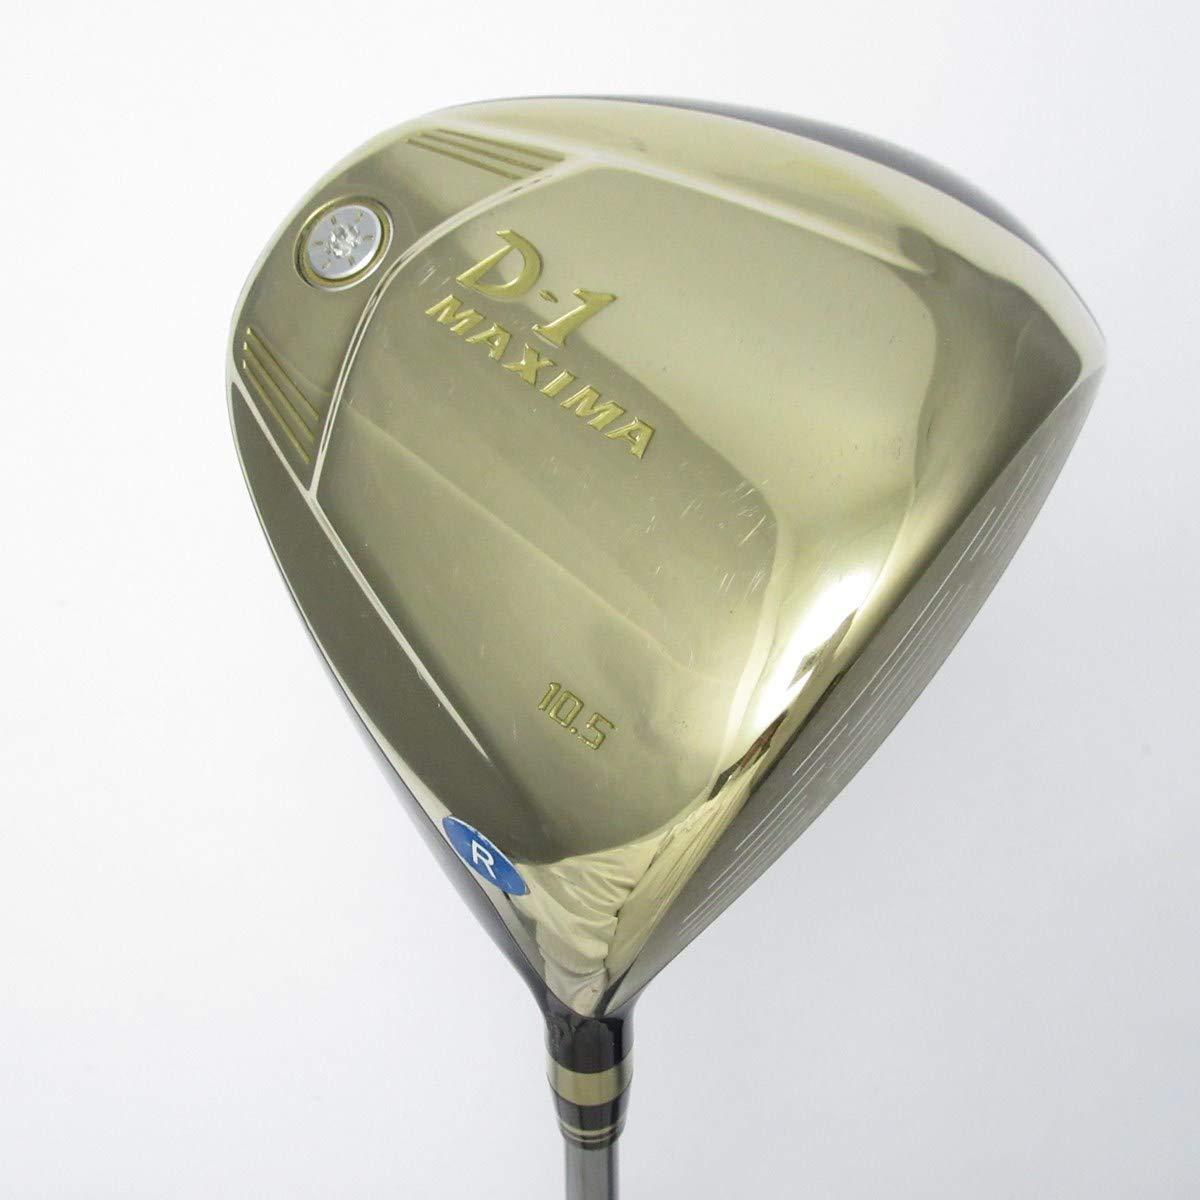 【中古】リョーマ ゴルフ RYOMA GOLF Ryoma D-1 MAXIMA TYPE-G(メーカー公認中古) ドライバー Tour AD MX-G B07MTNSZSZ  R